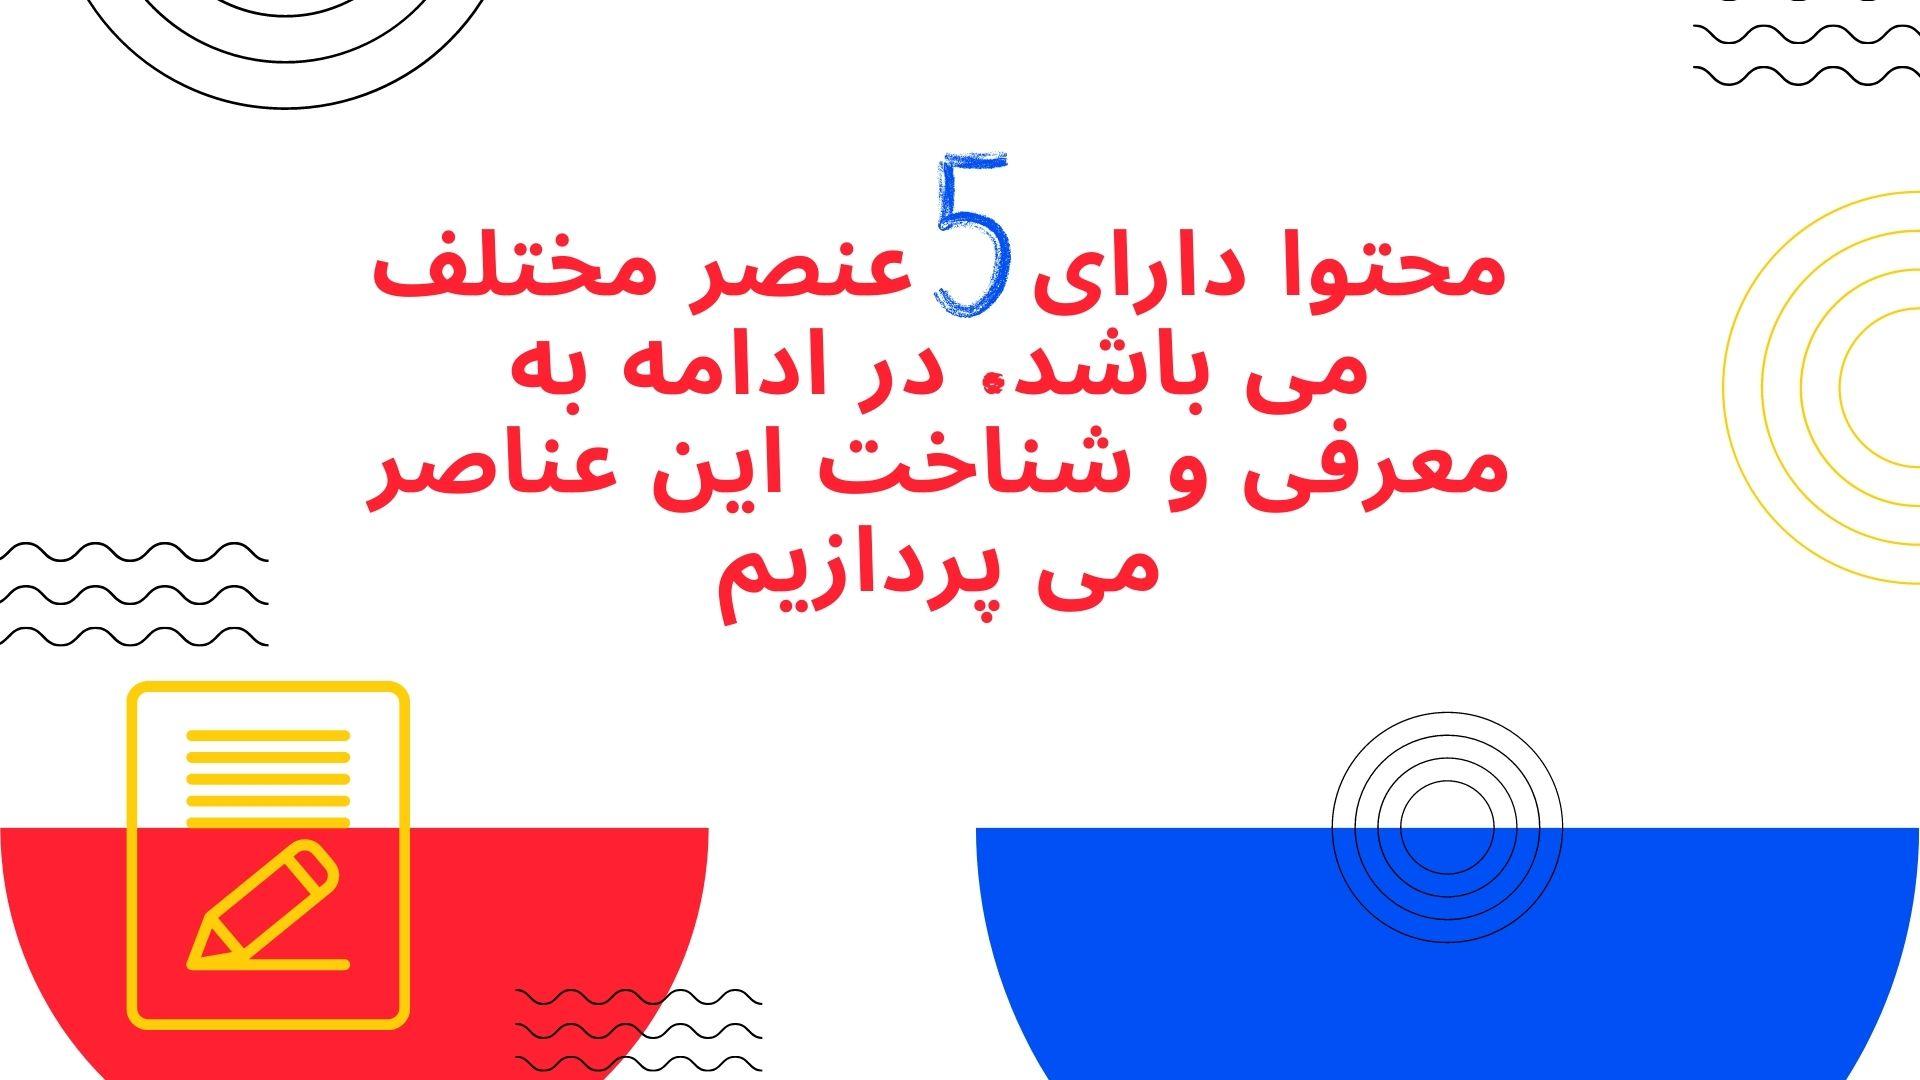 محتوا دارای پنج عنصر مختلف می باشد. در ادامه به معرفی و شناخت این عناصر می پردازیم.